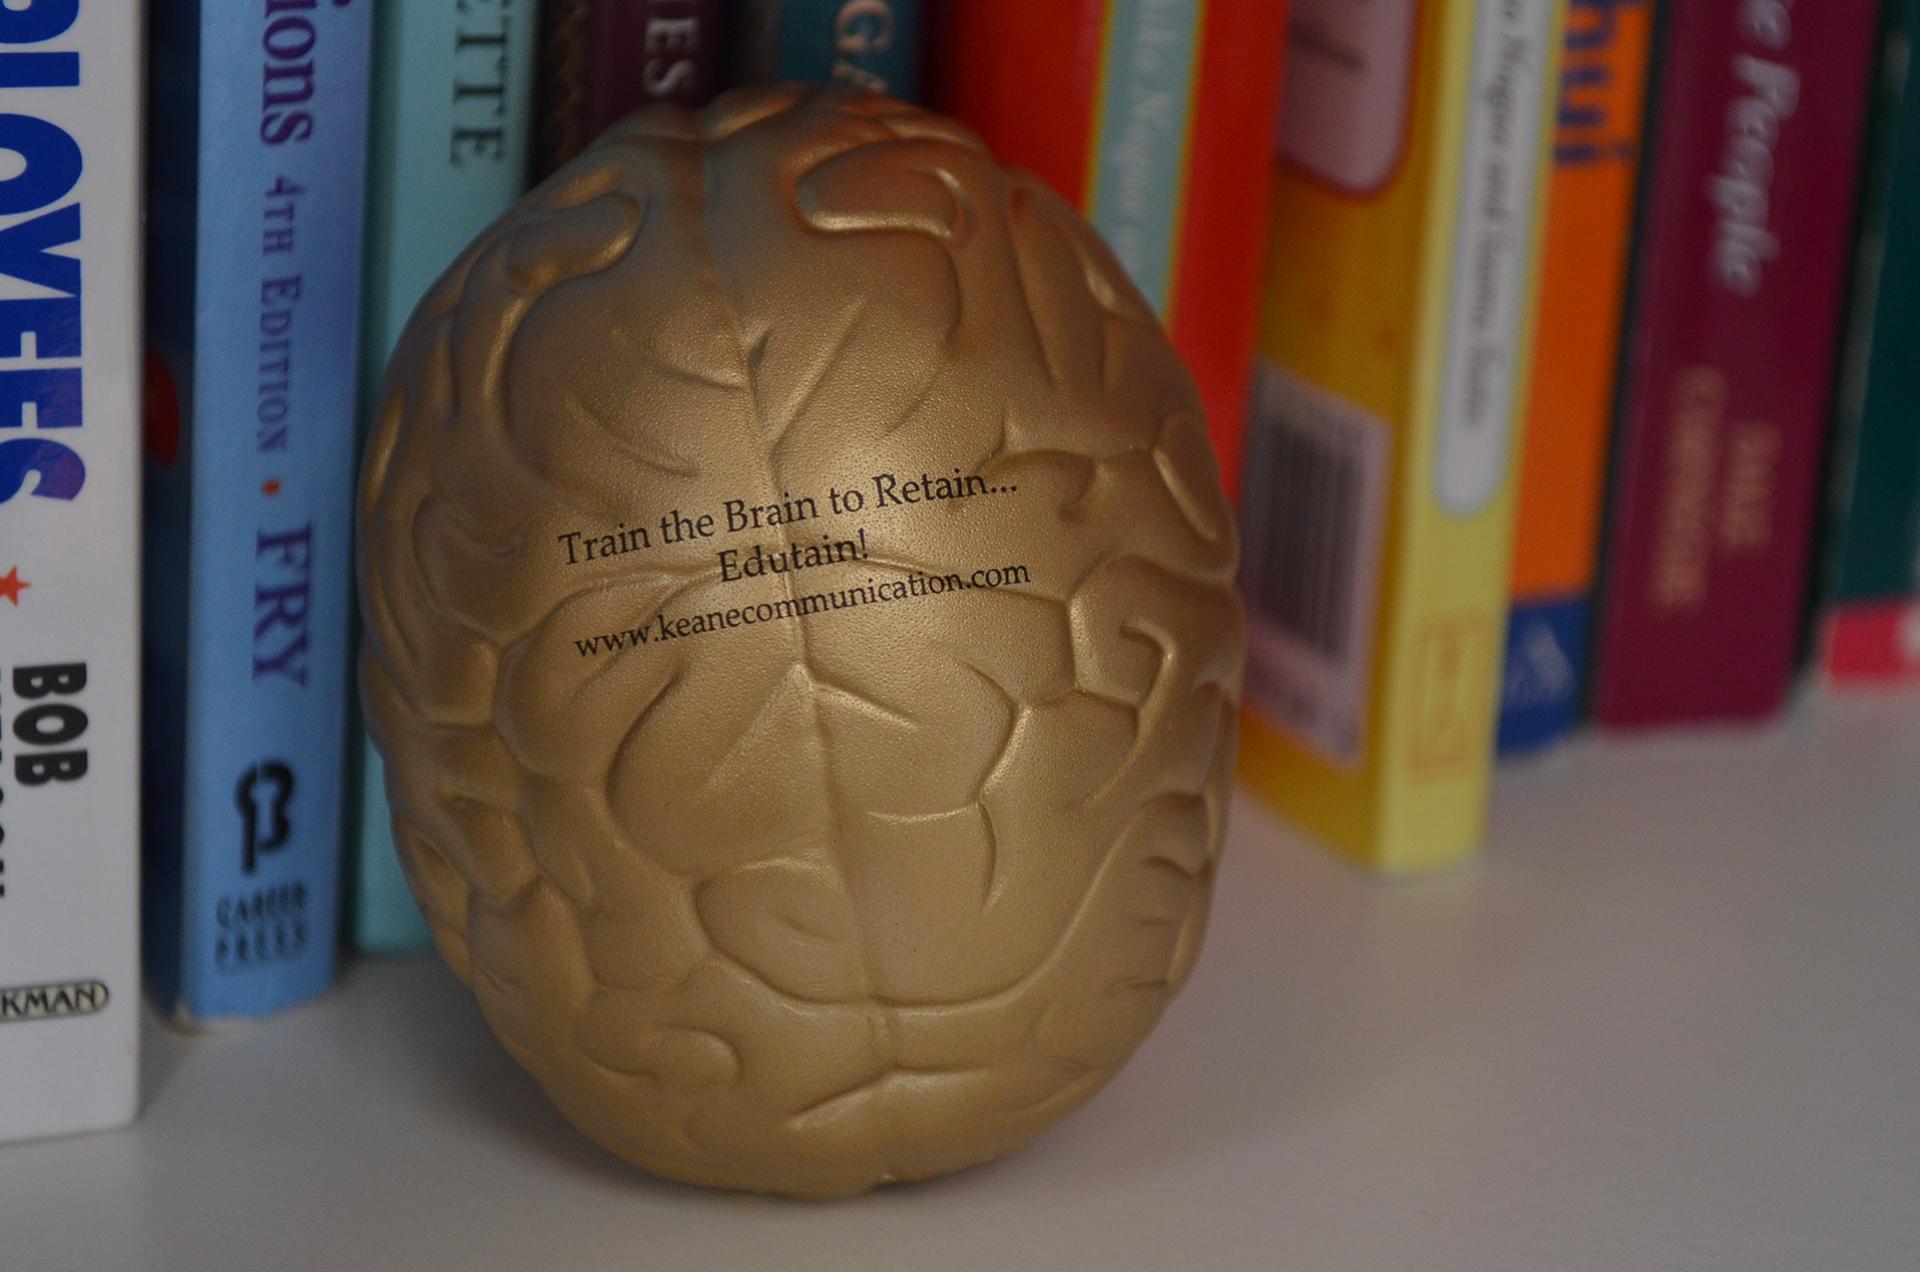 Train the Brain to Retain... Edutain